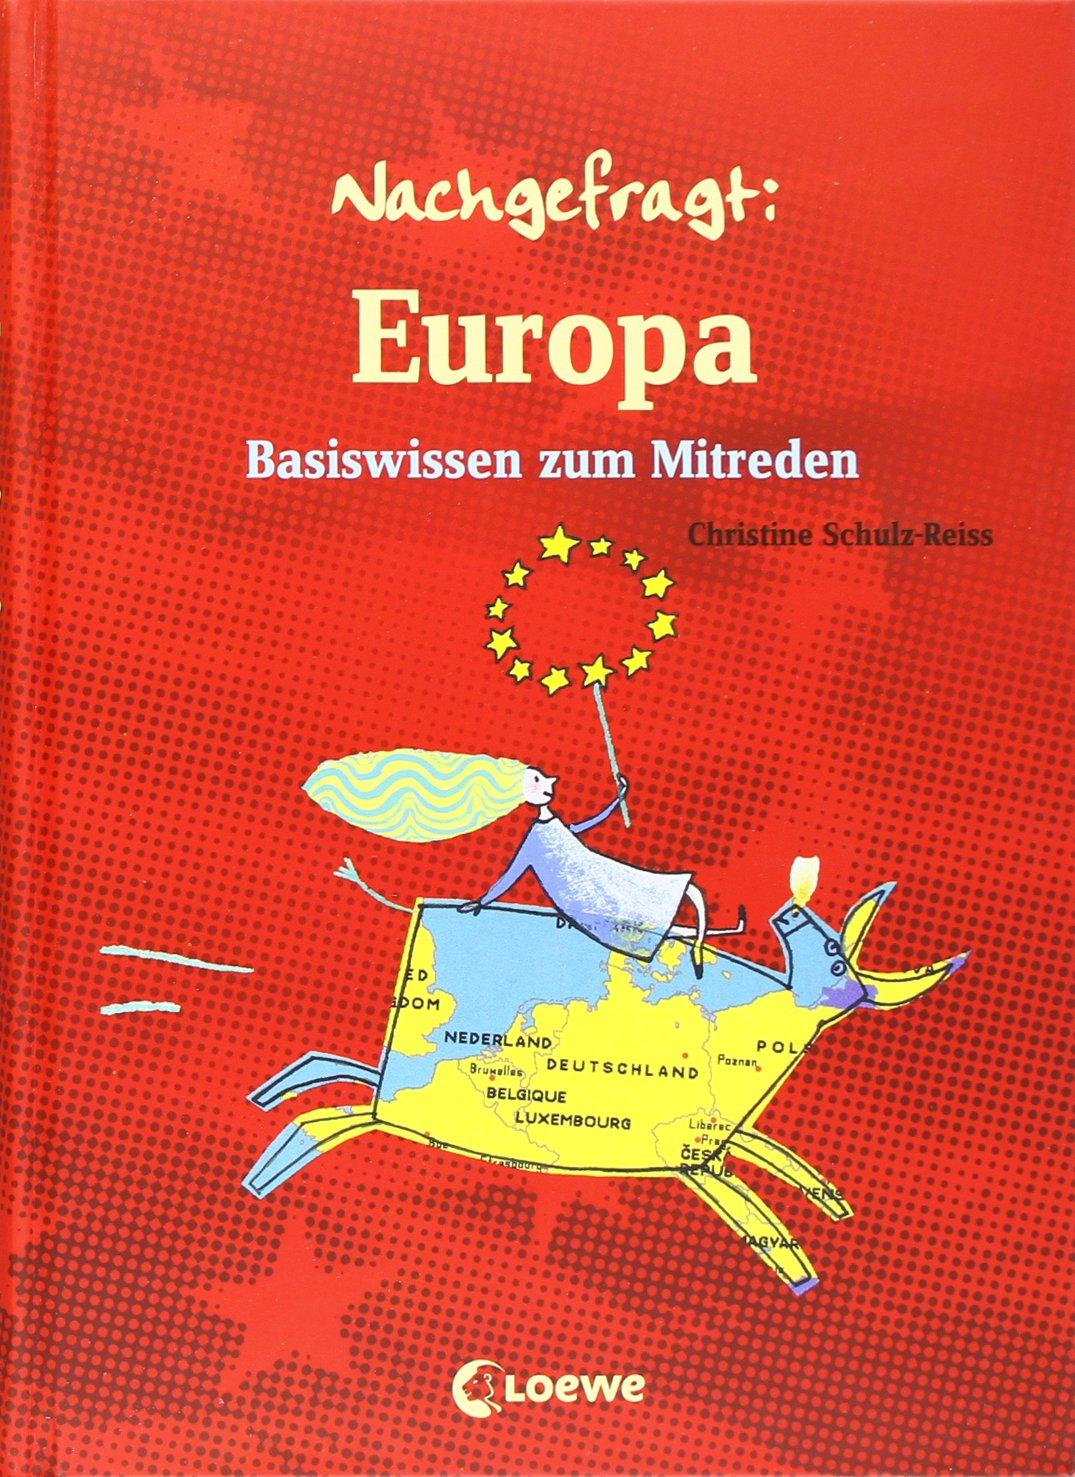 Europa: Basiswissen zum Mitreden (Nachgefragt)